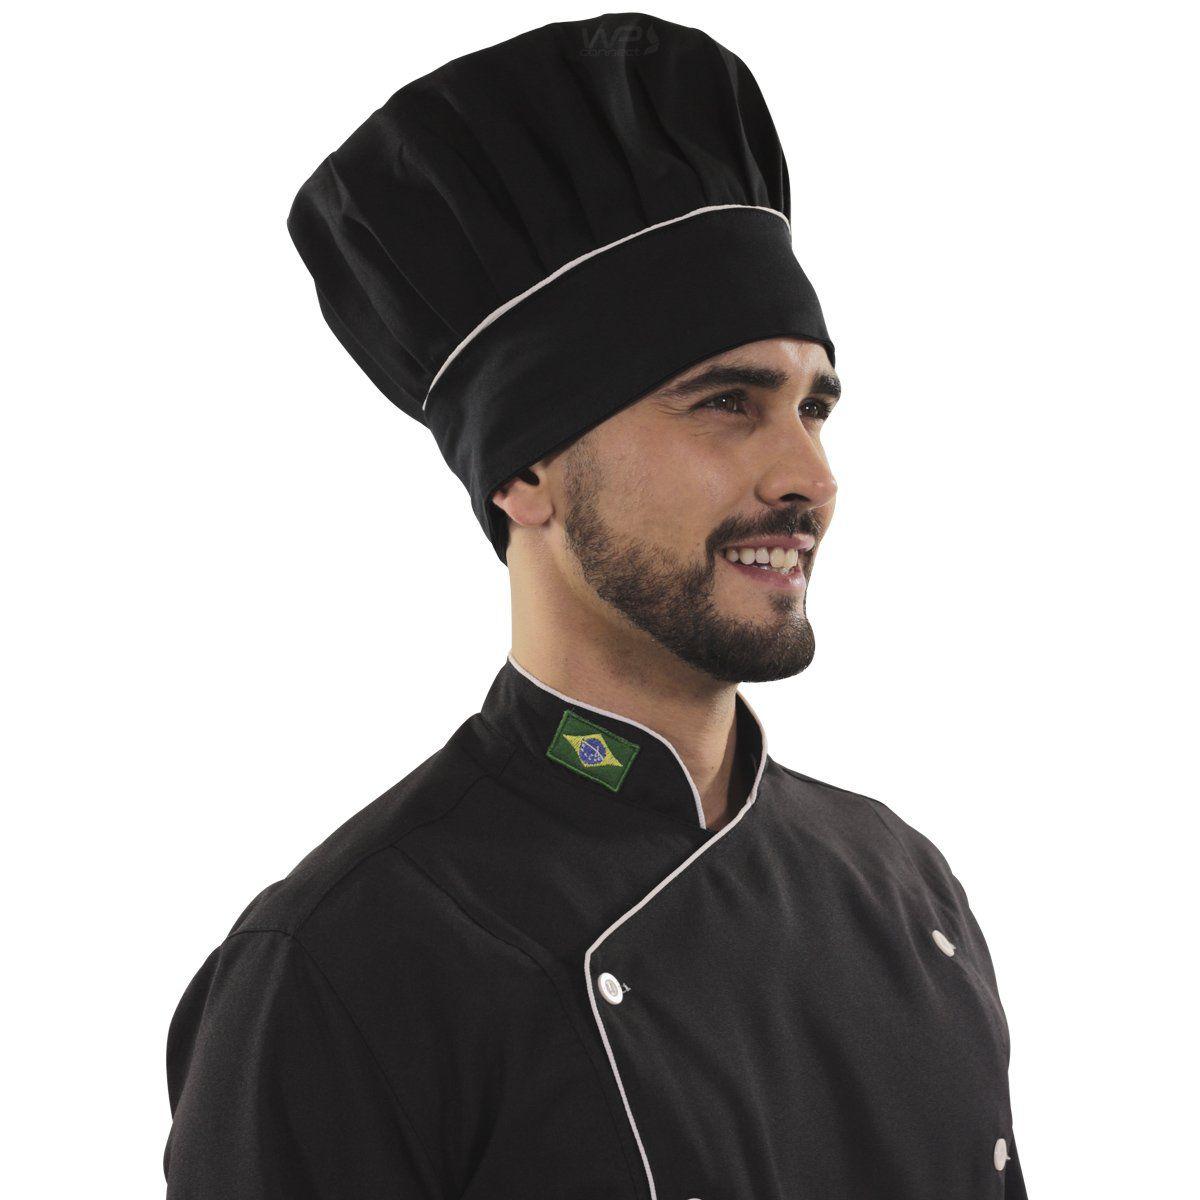 Chapéu Confeiteiro Cozinha Preto Com Detalhe Listra Branca